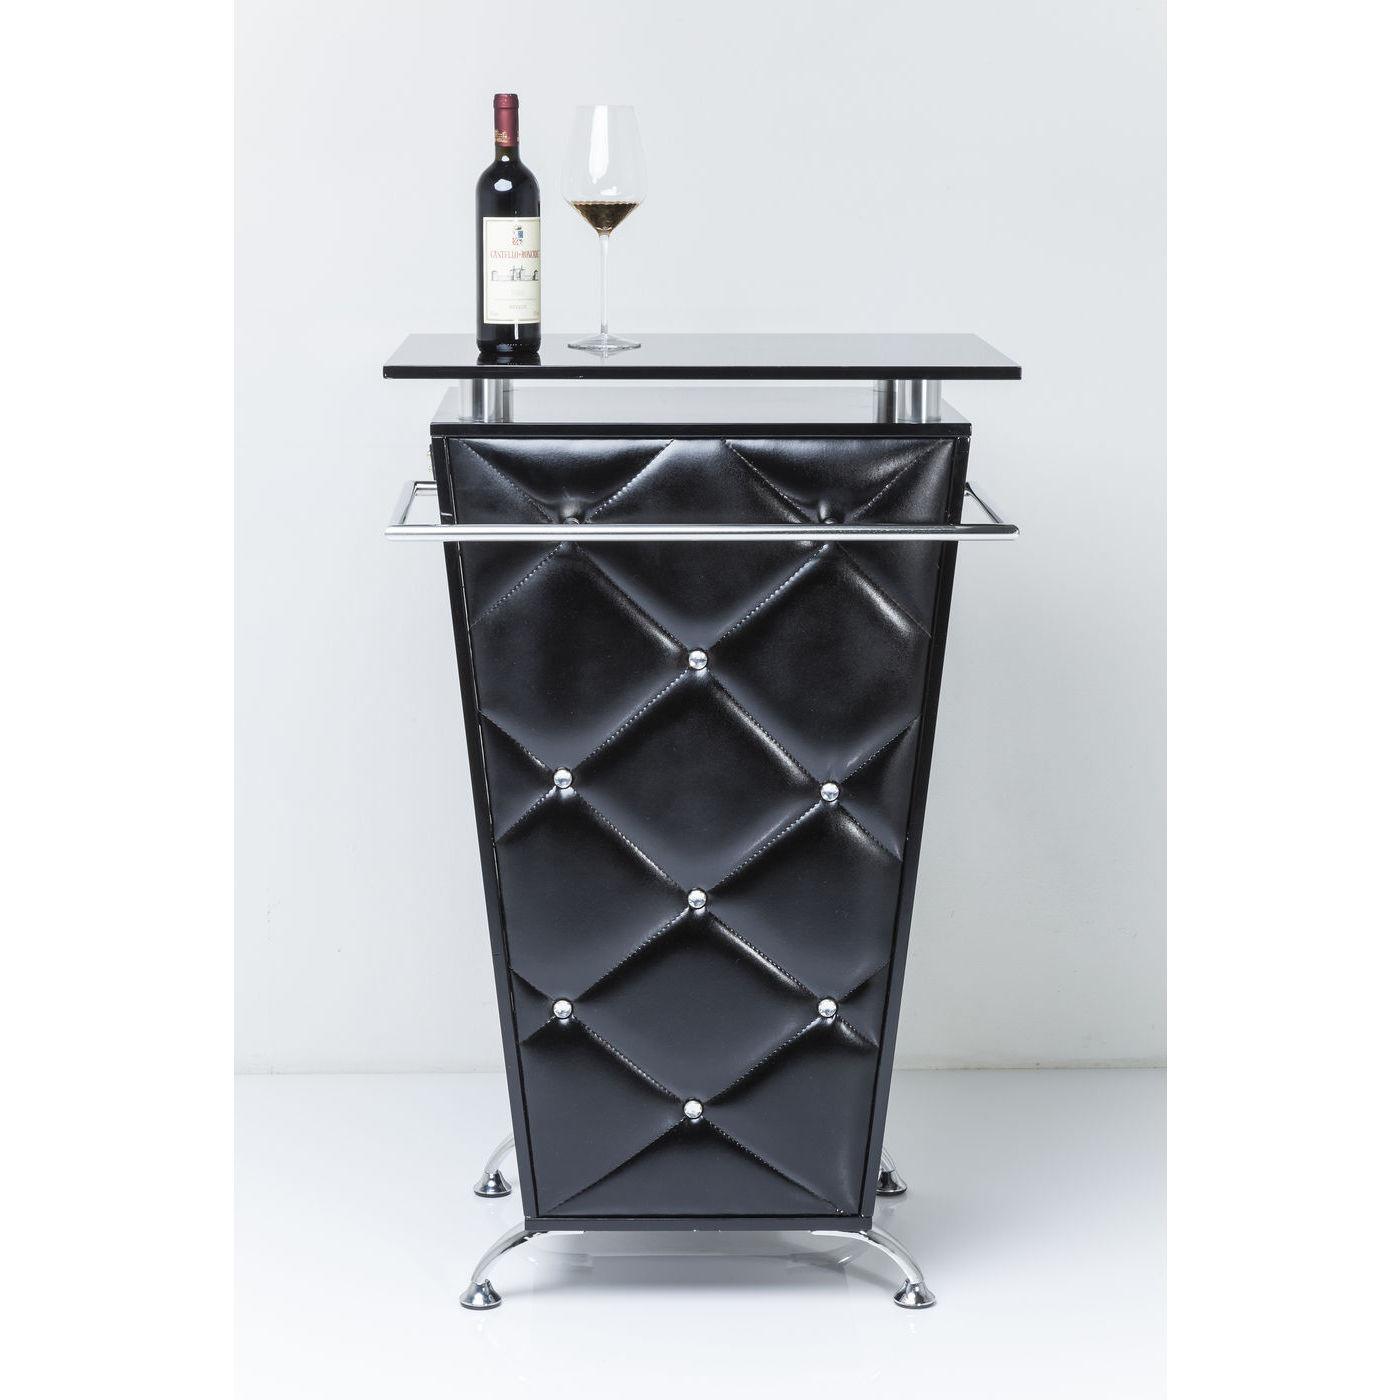 Bar rockstar kare design mutoni m bel for Kare design schweiz